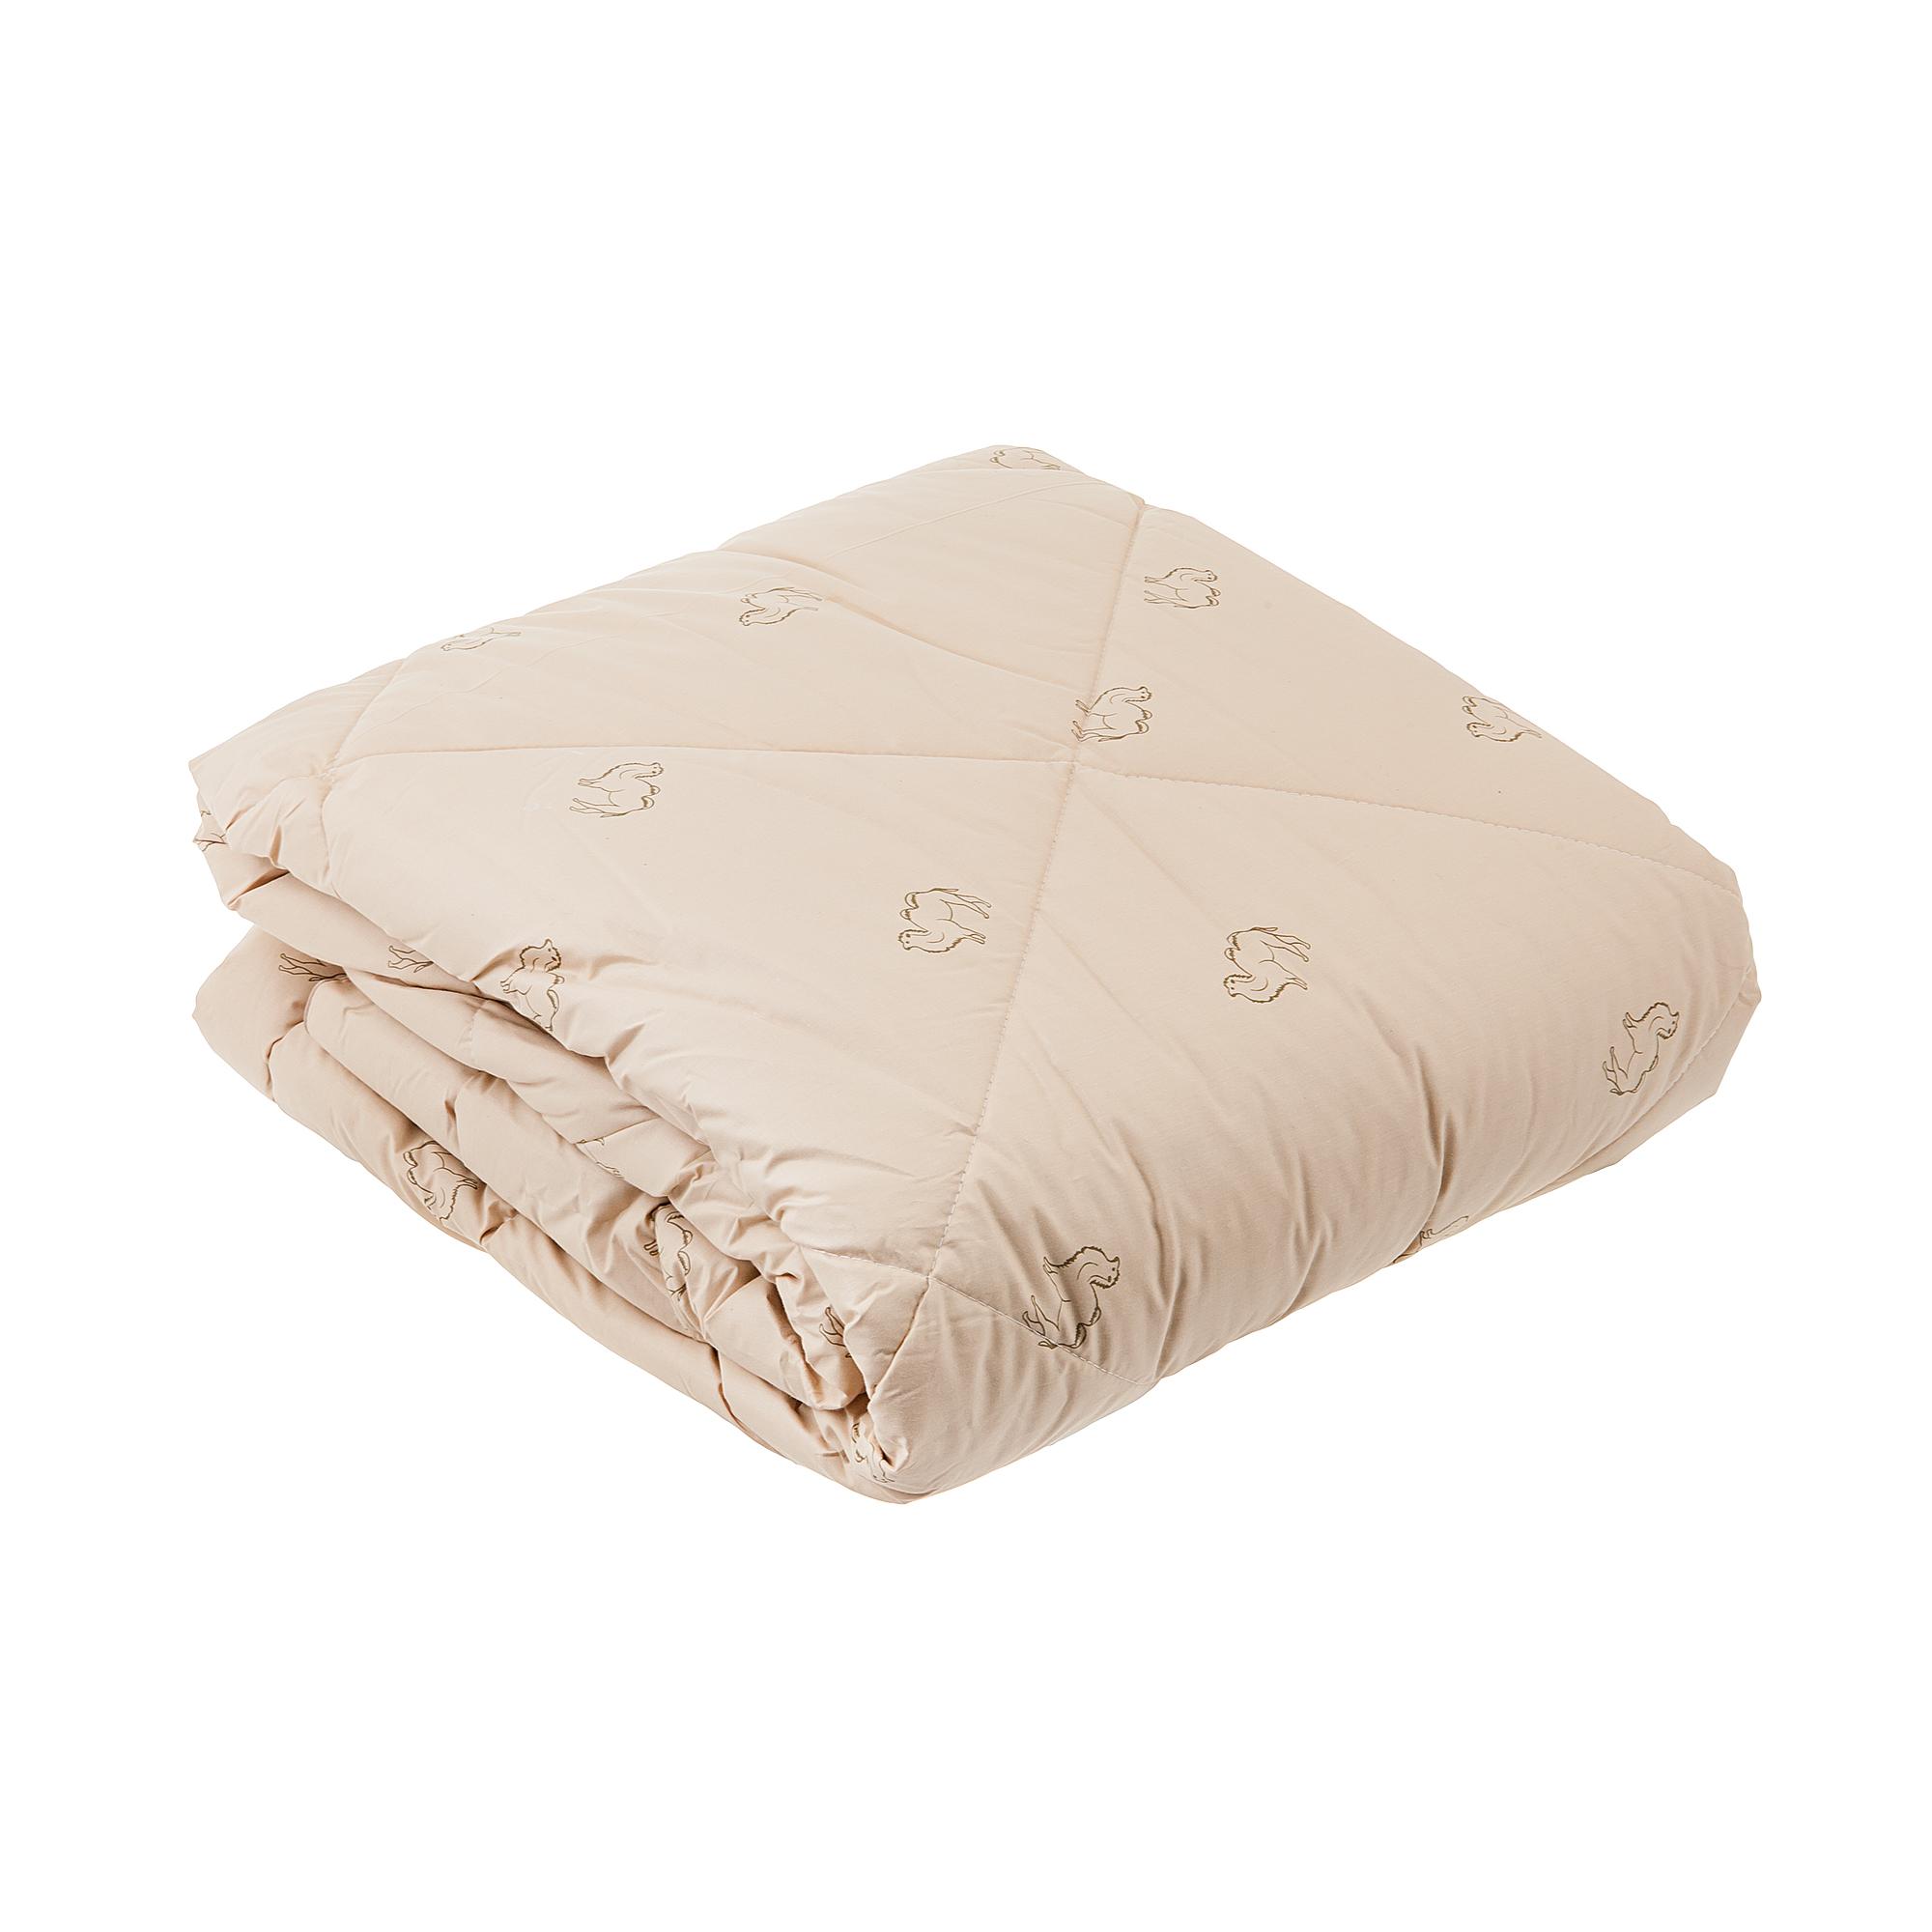 Фото - Одеяло стеганое караван 172x205 Belashoff одеяло верблюжья шерсть тик с кантом 172х205 см